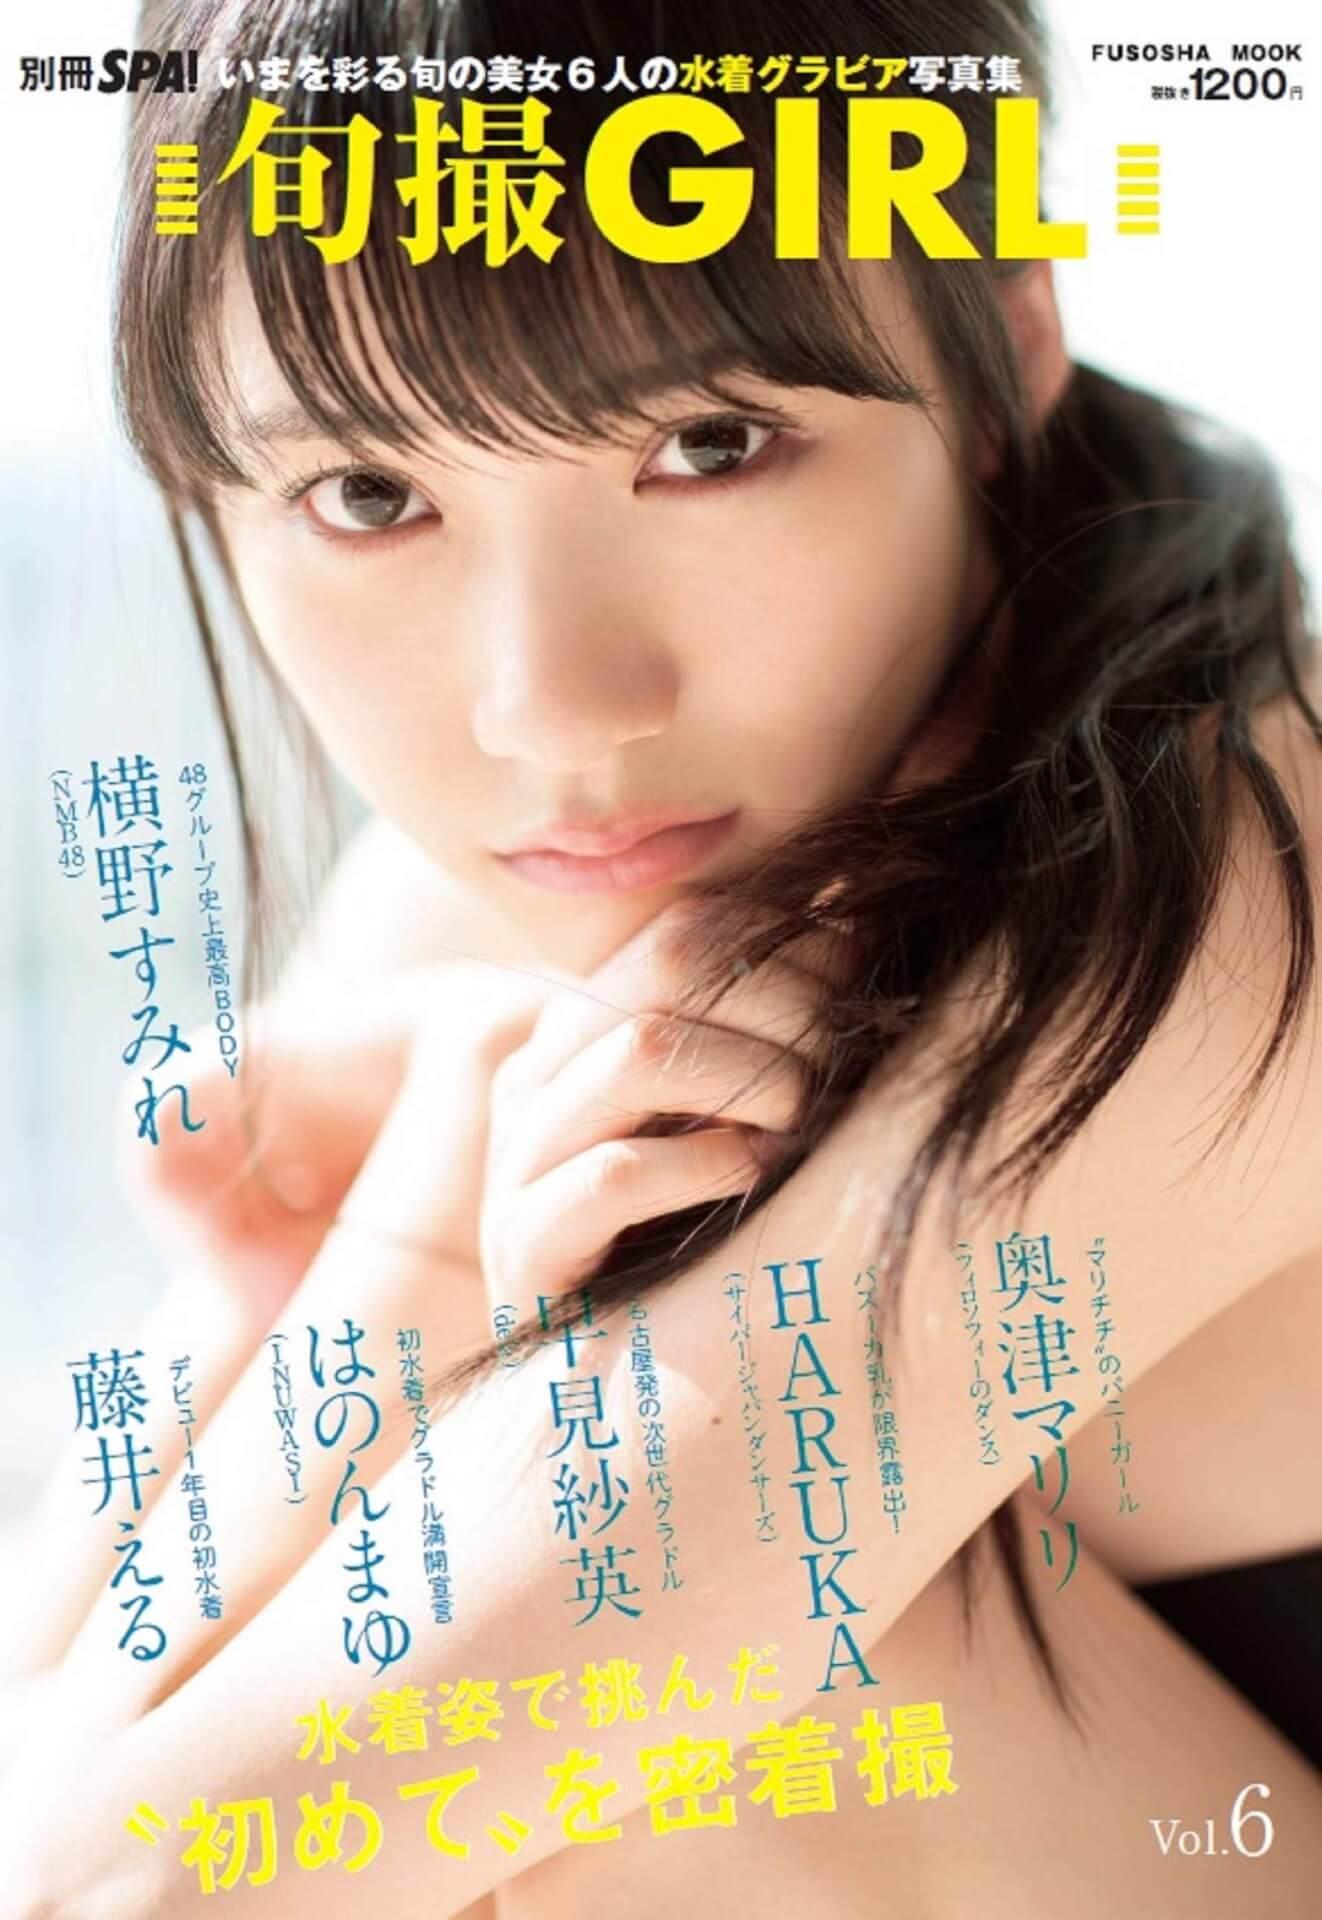 NMB48・横野すみれ、INUWASI・はのんまゆらの限界ギリギリショットを集めた写真集『旬撮GIRL Vol.6』が発売決定! art200713_shunsatsu_6